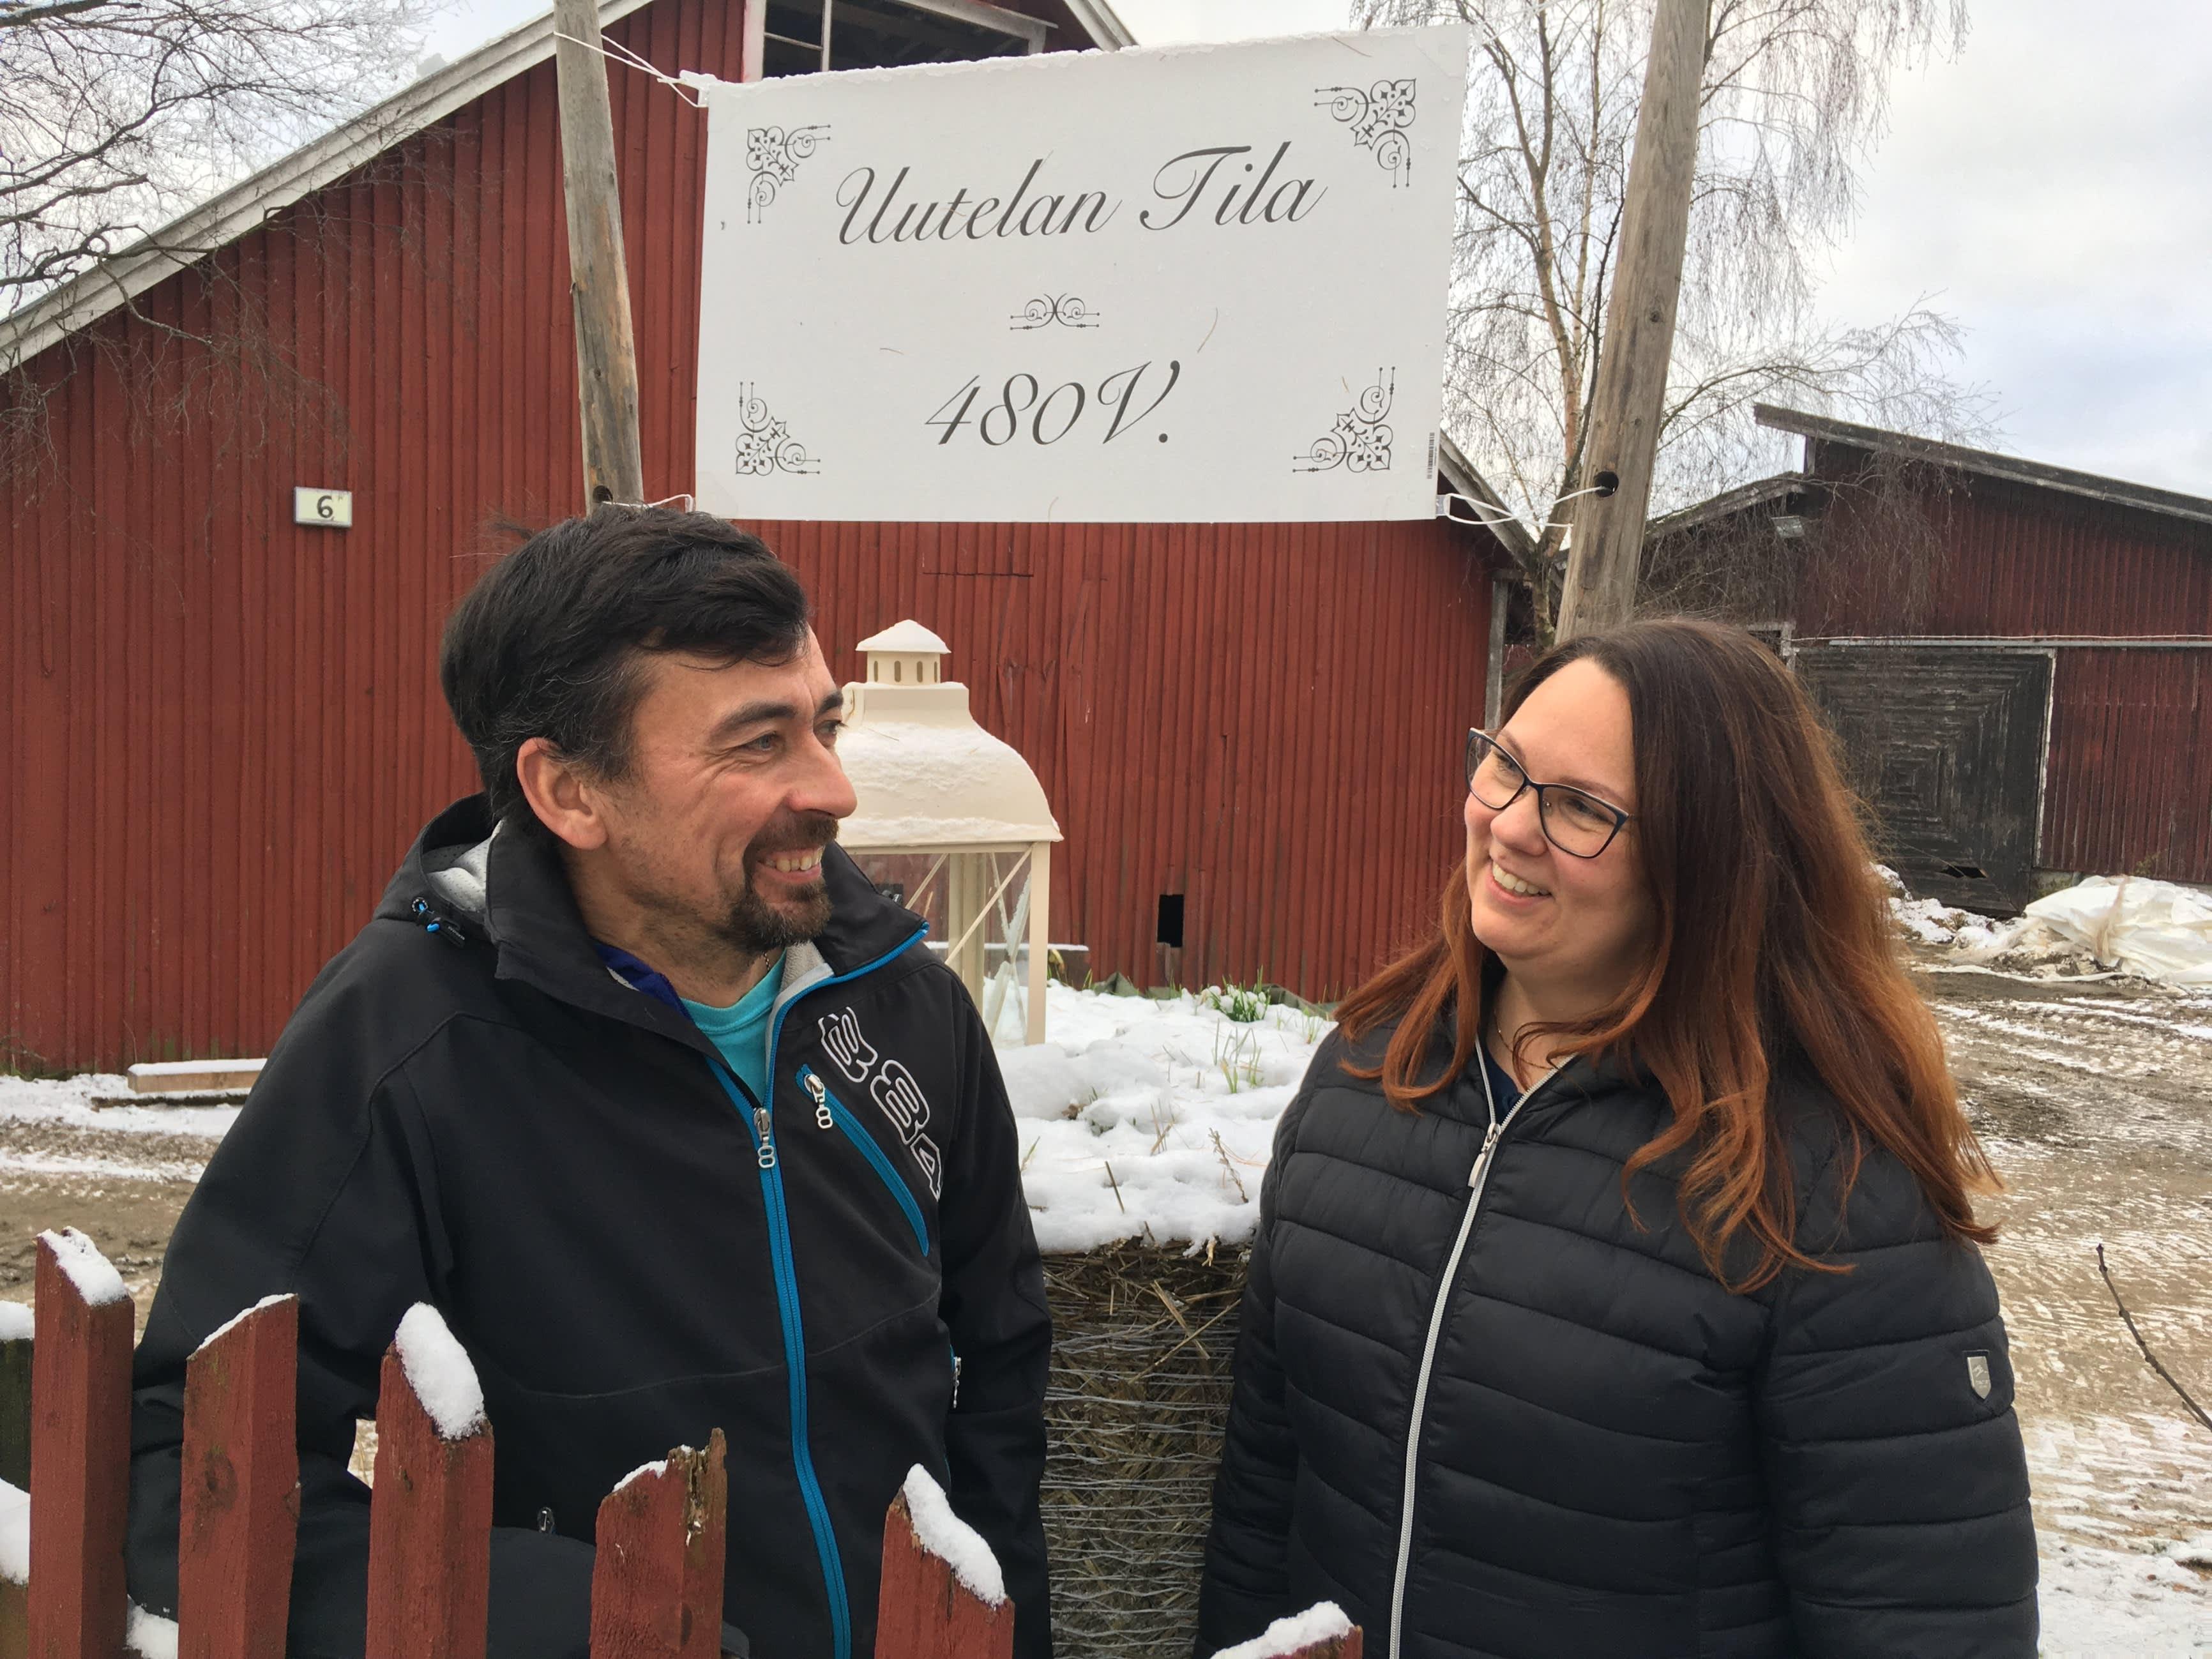 Uutelan tila Kouvolan Ummeljoella, kuvassa tilan omistajat 17. sukupolvessa, Janne ja Miia Mikkelä.